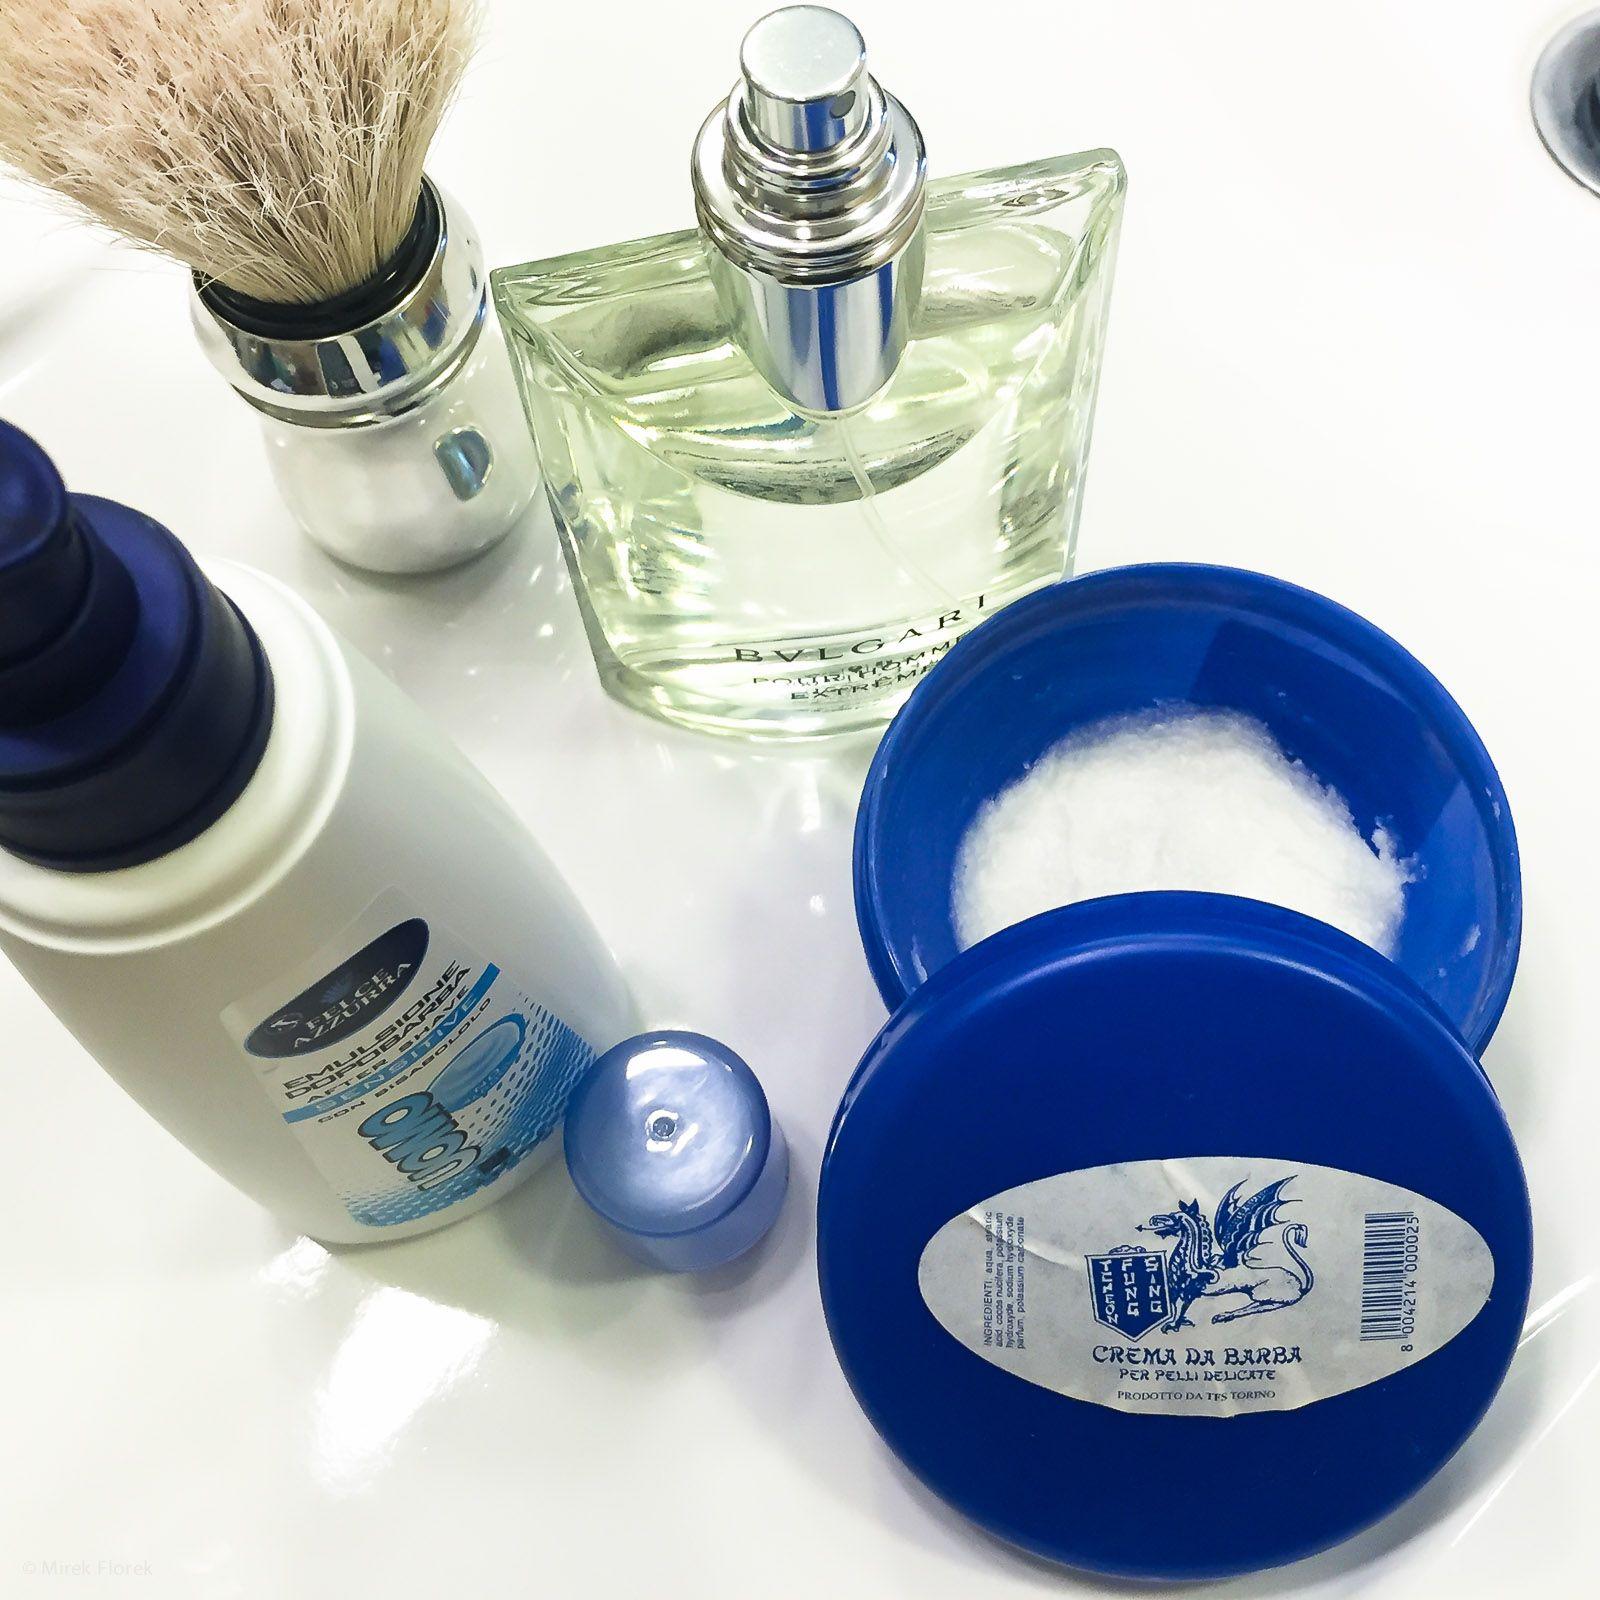 Golenie z użyciem mydła Tcheon Fung Sing Ciotola Blu Crema di Barba (Blue Jar) Shaving Soap